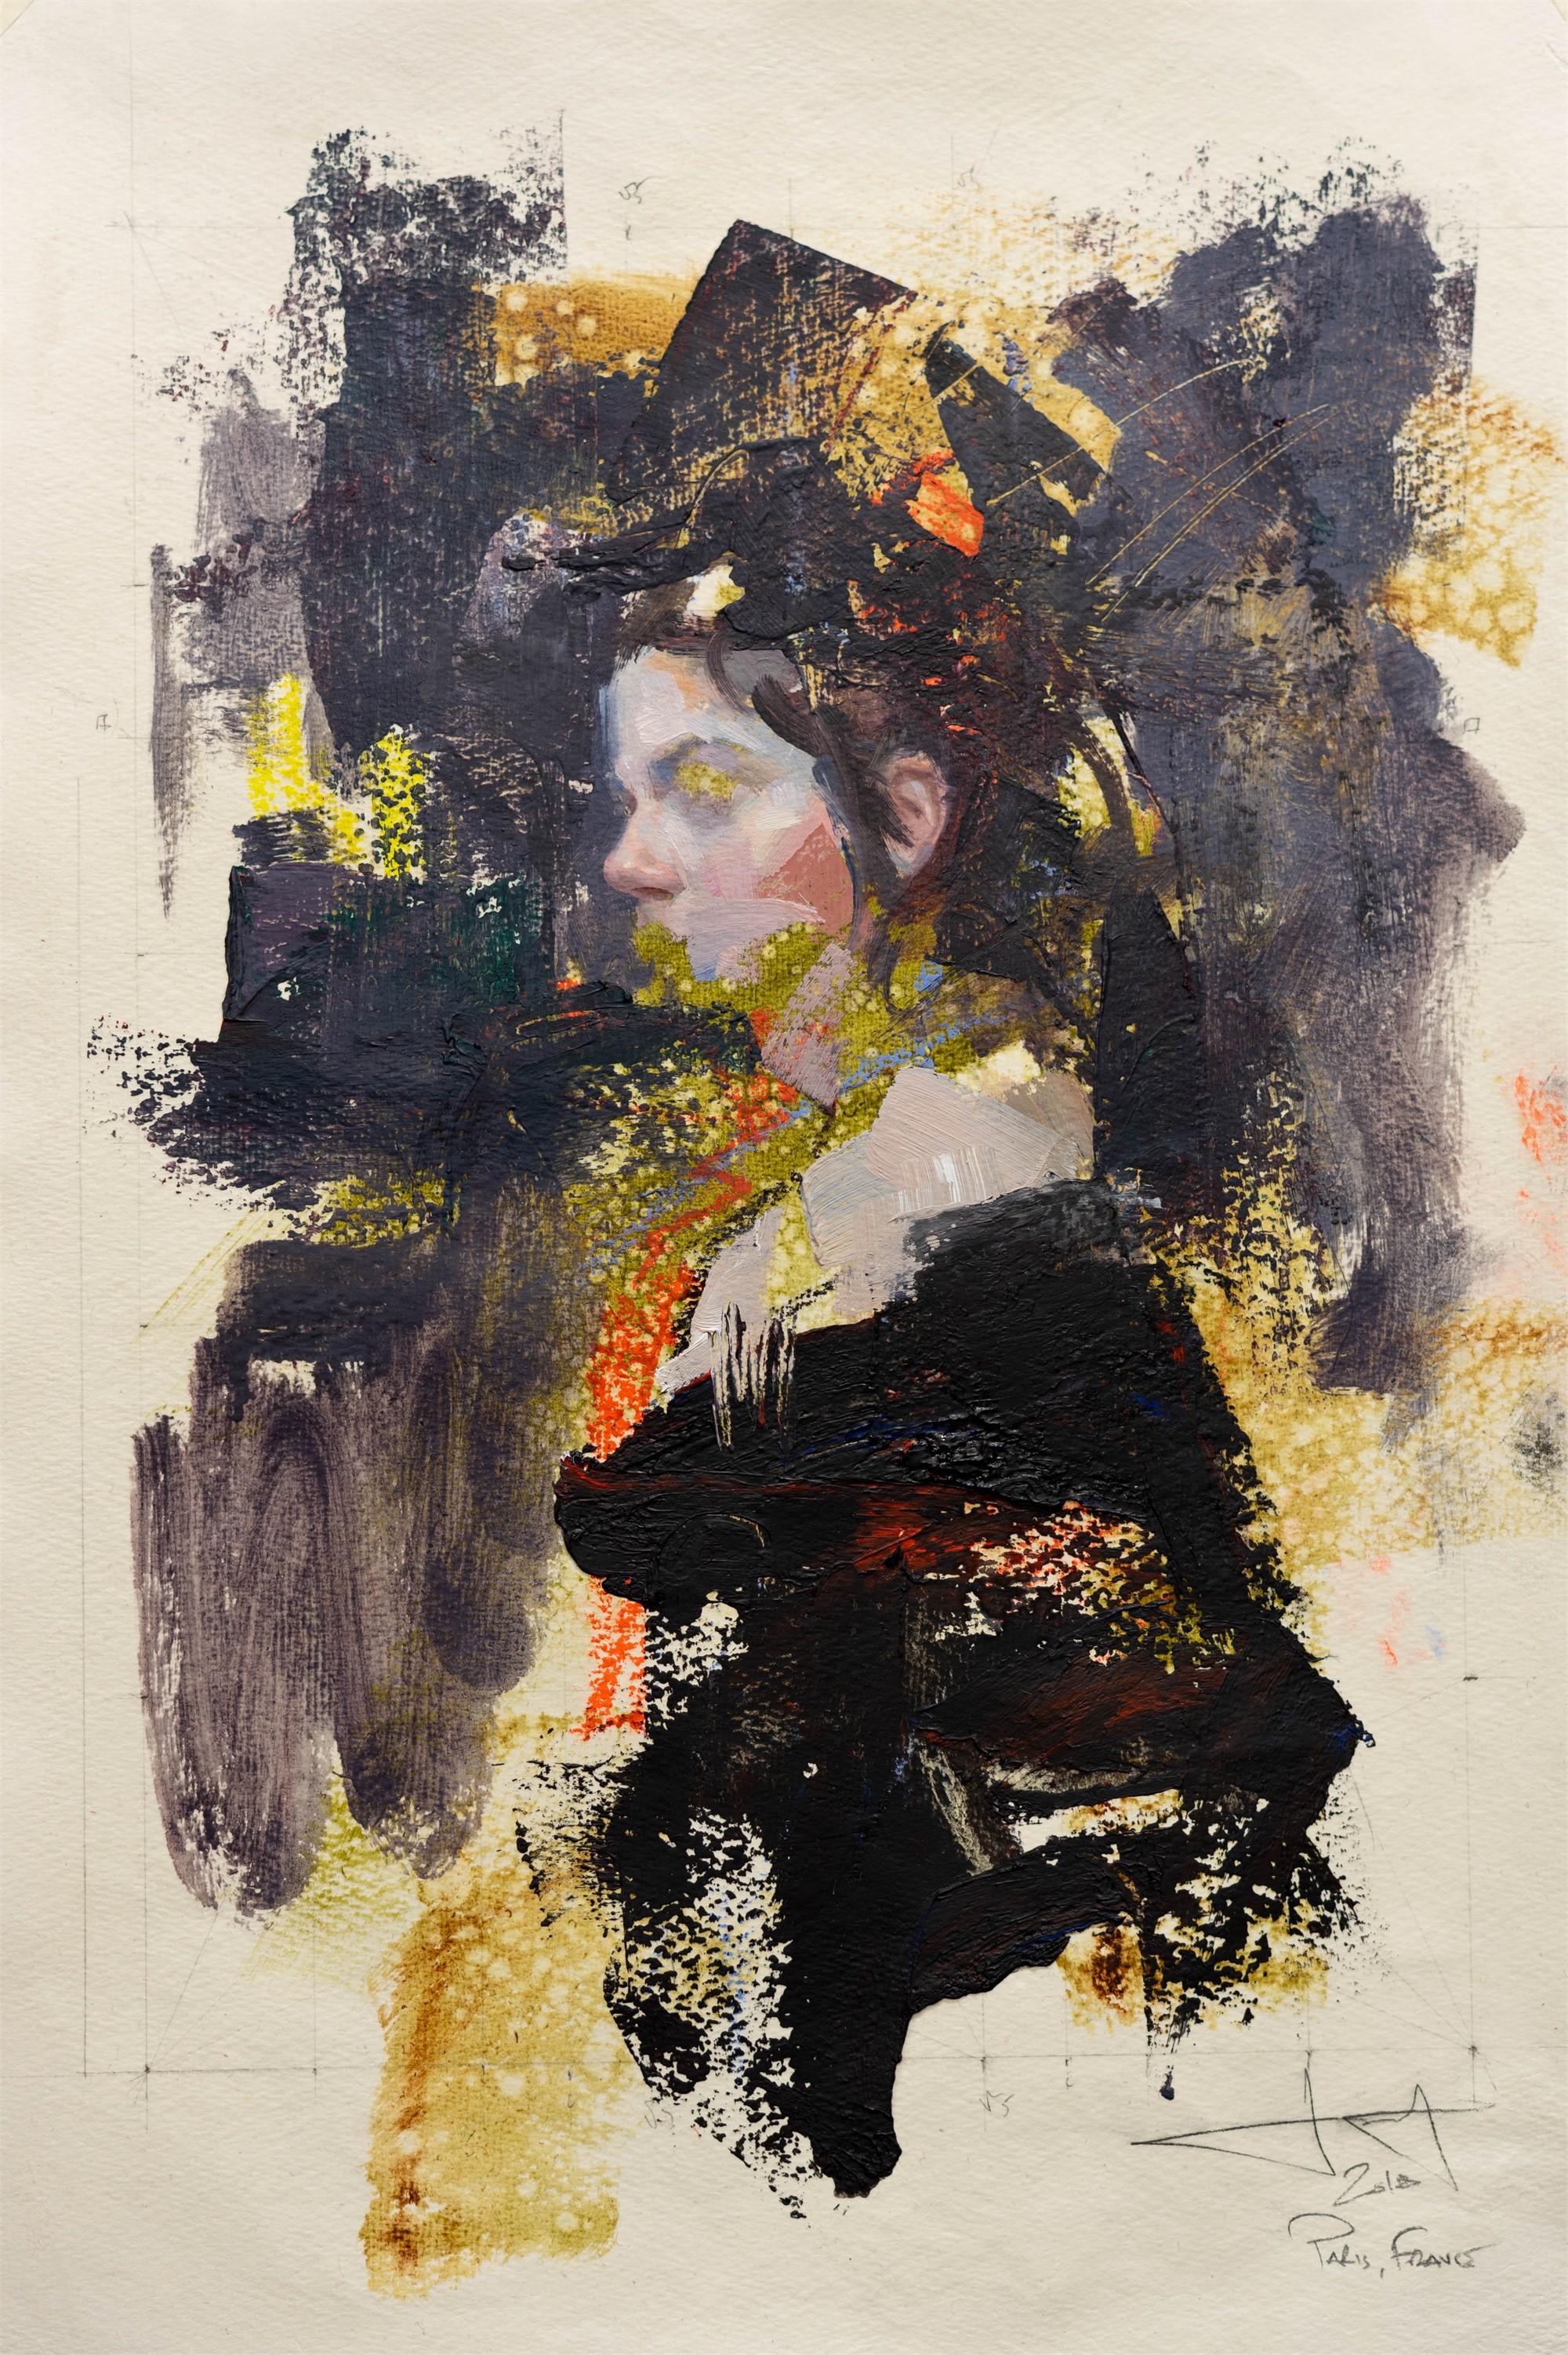 Sunken by John Wentz